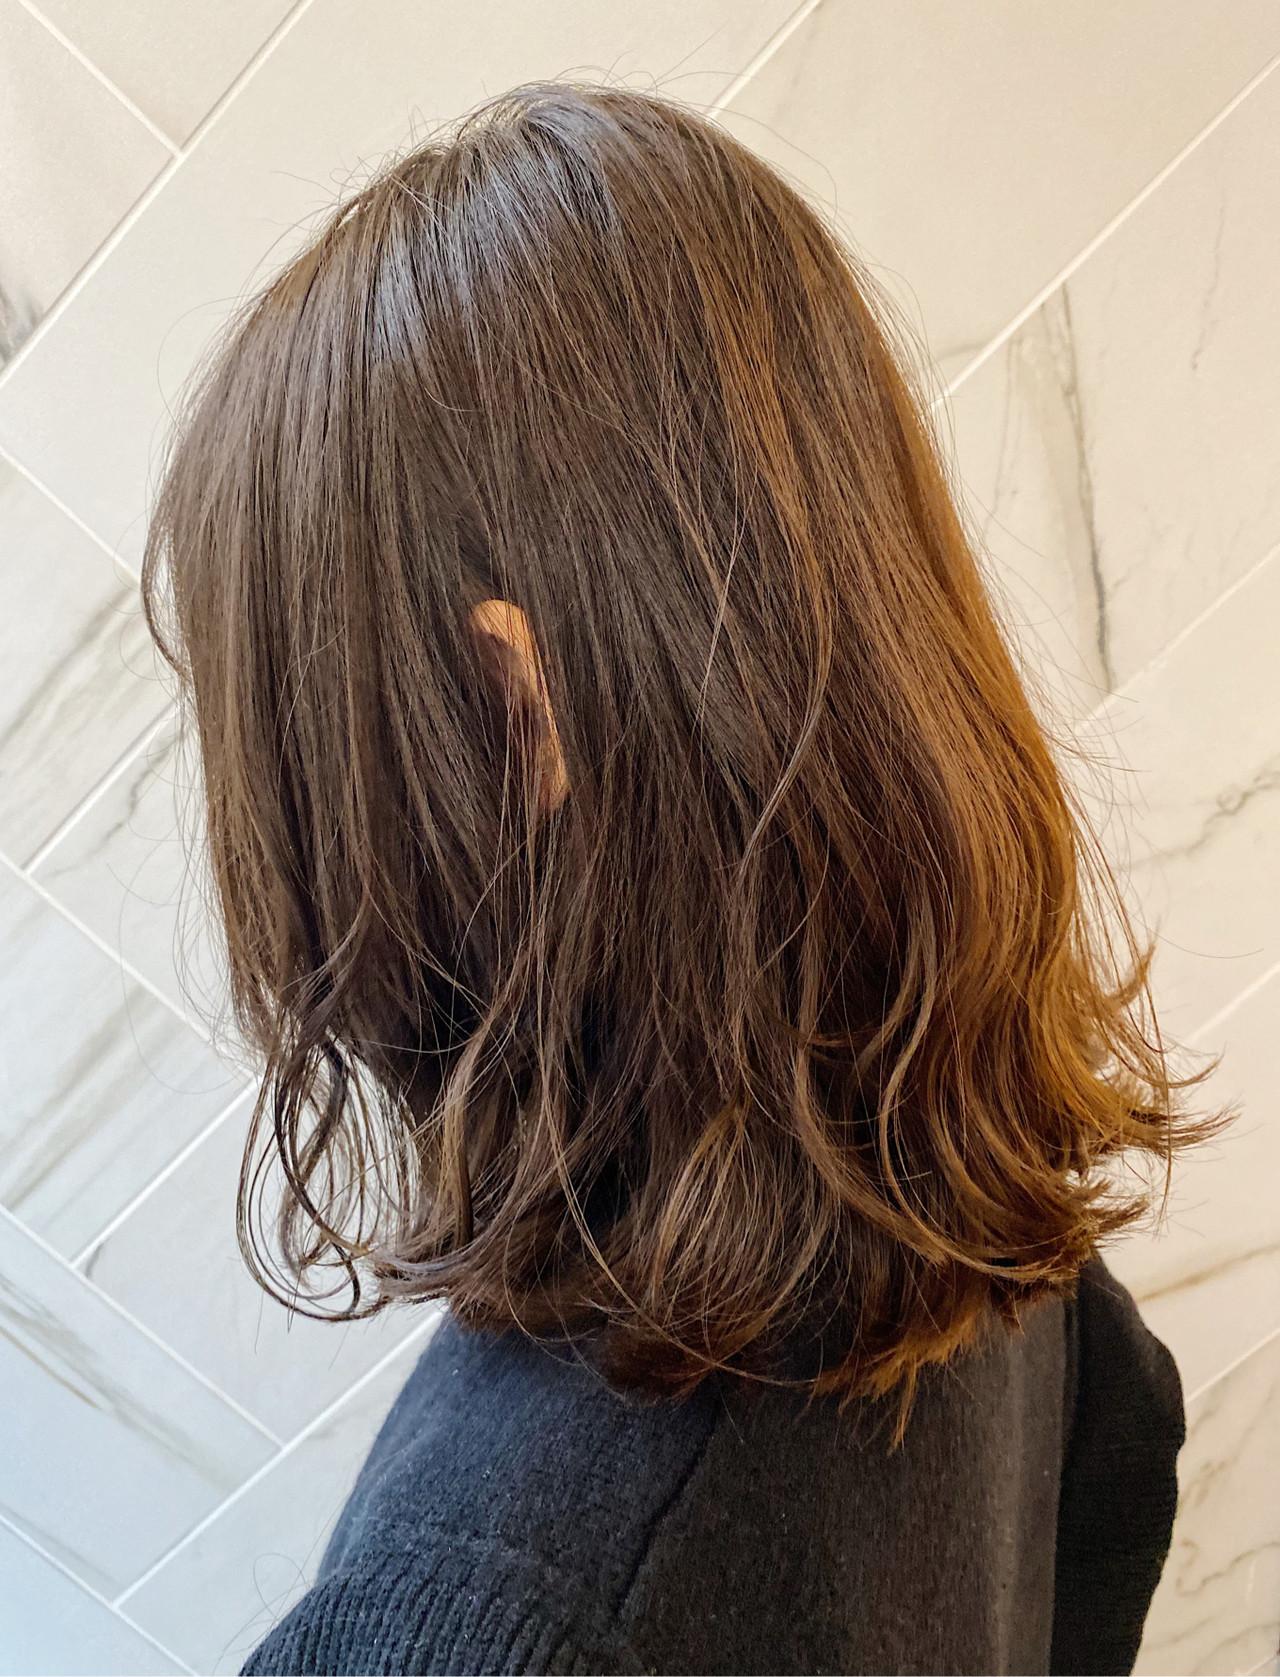 20代 イルミナカラー アンニュイ ボブ ヘアスタイルや髪型の写真・画像 | 髪質改善、モテ髪カットのプロ!Zina出口耕太郎 / Zina CENTRAL